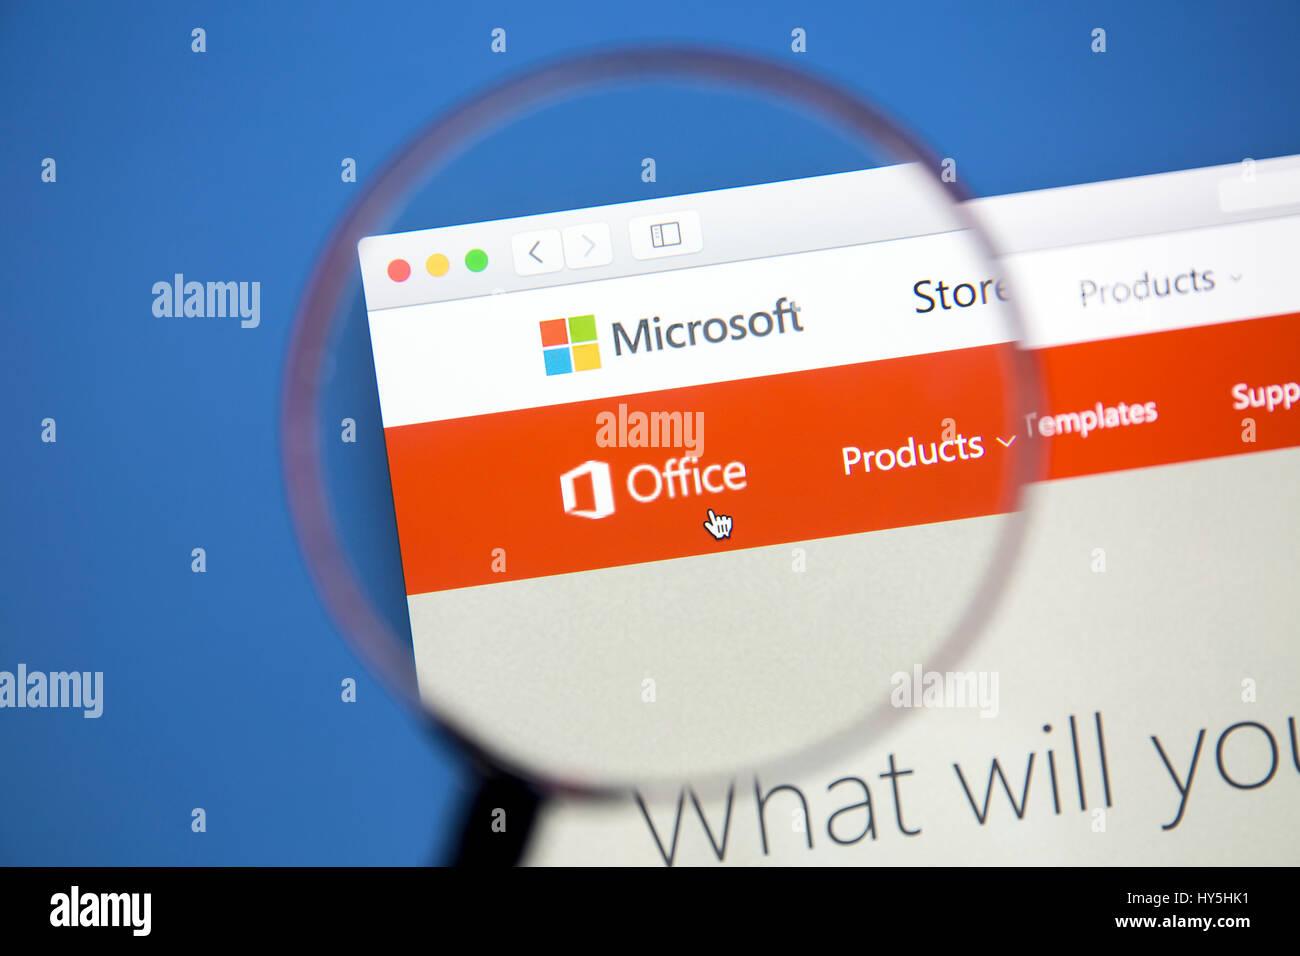 Sitio web de Microsoft Office en una pantalla de ordenador. Microsoft Office es un conjunto de aplicaciones de office Imagen De Stock